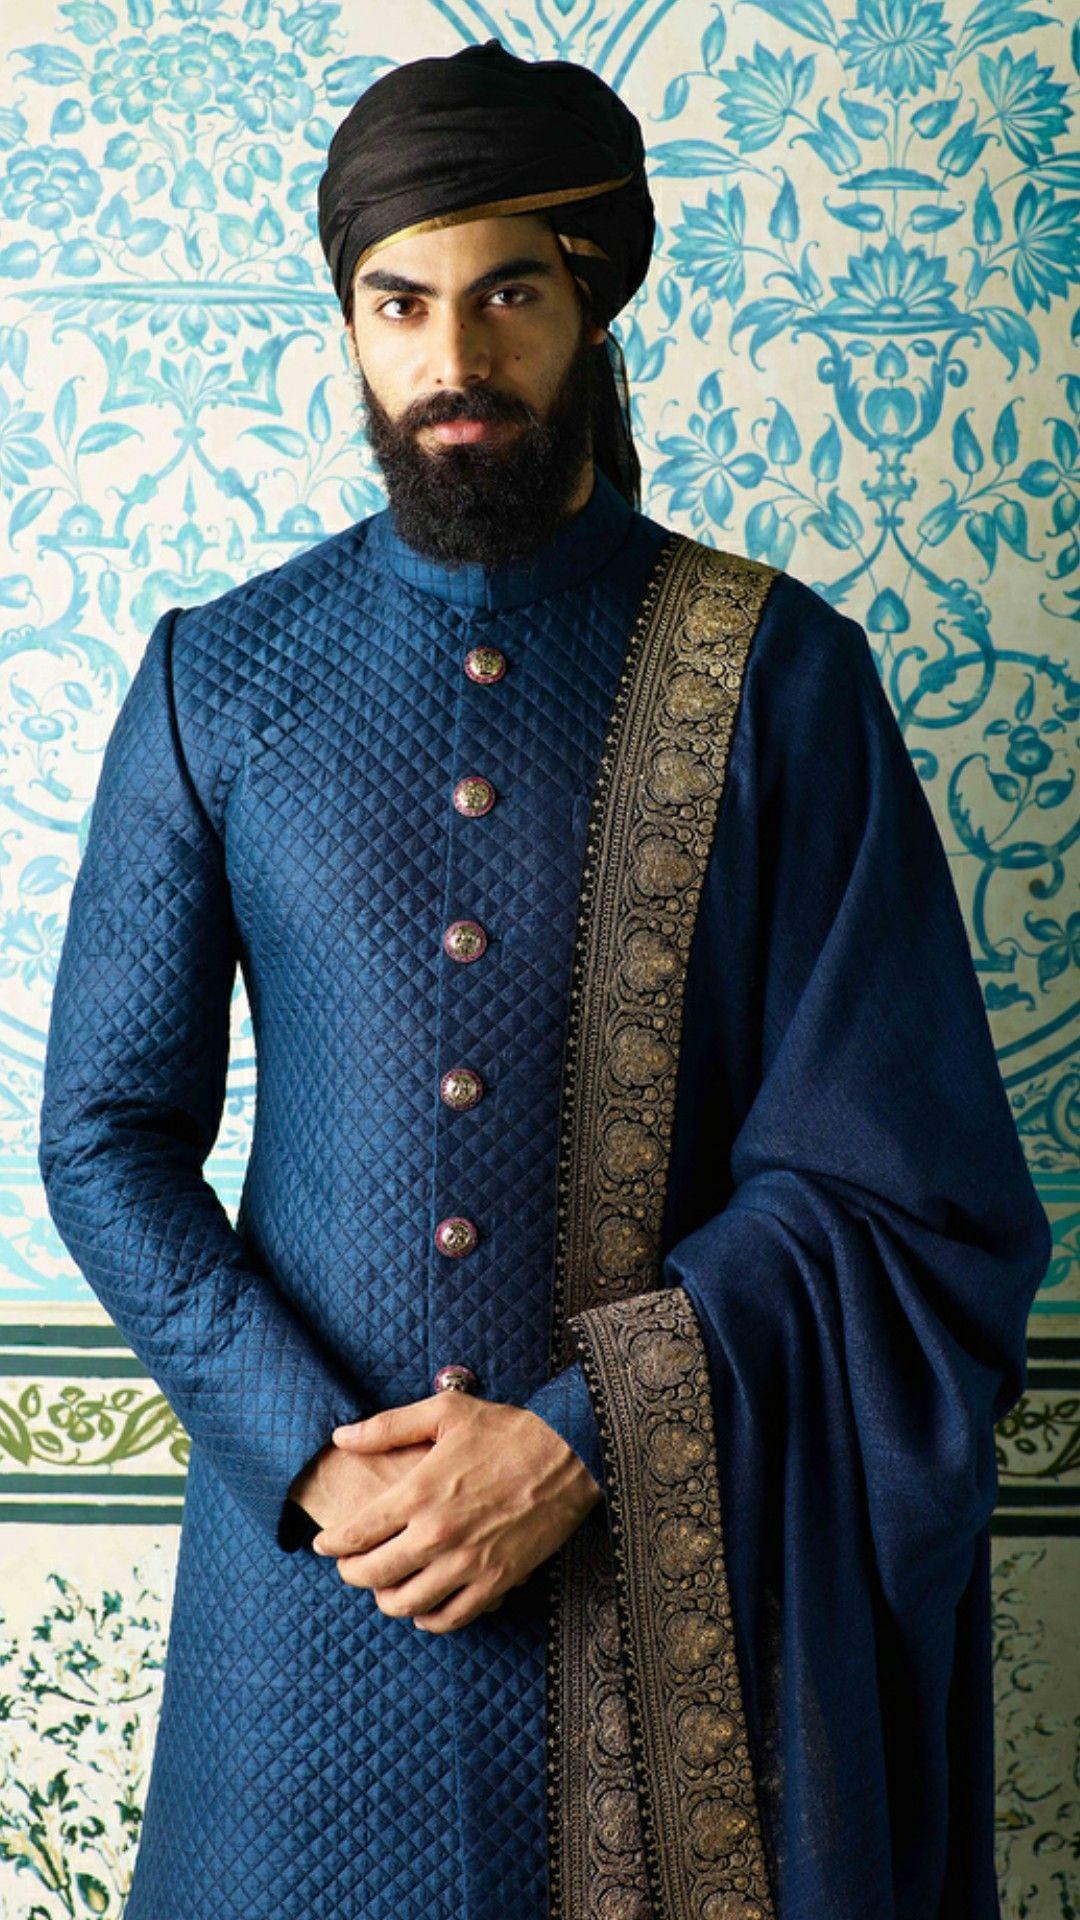 Indian Sherwani Groom wedding dress, Wedding outfit men